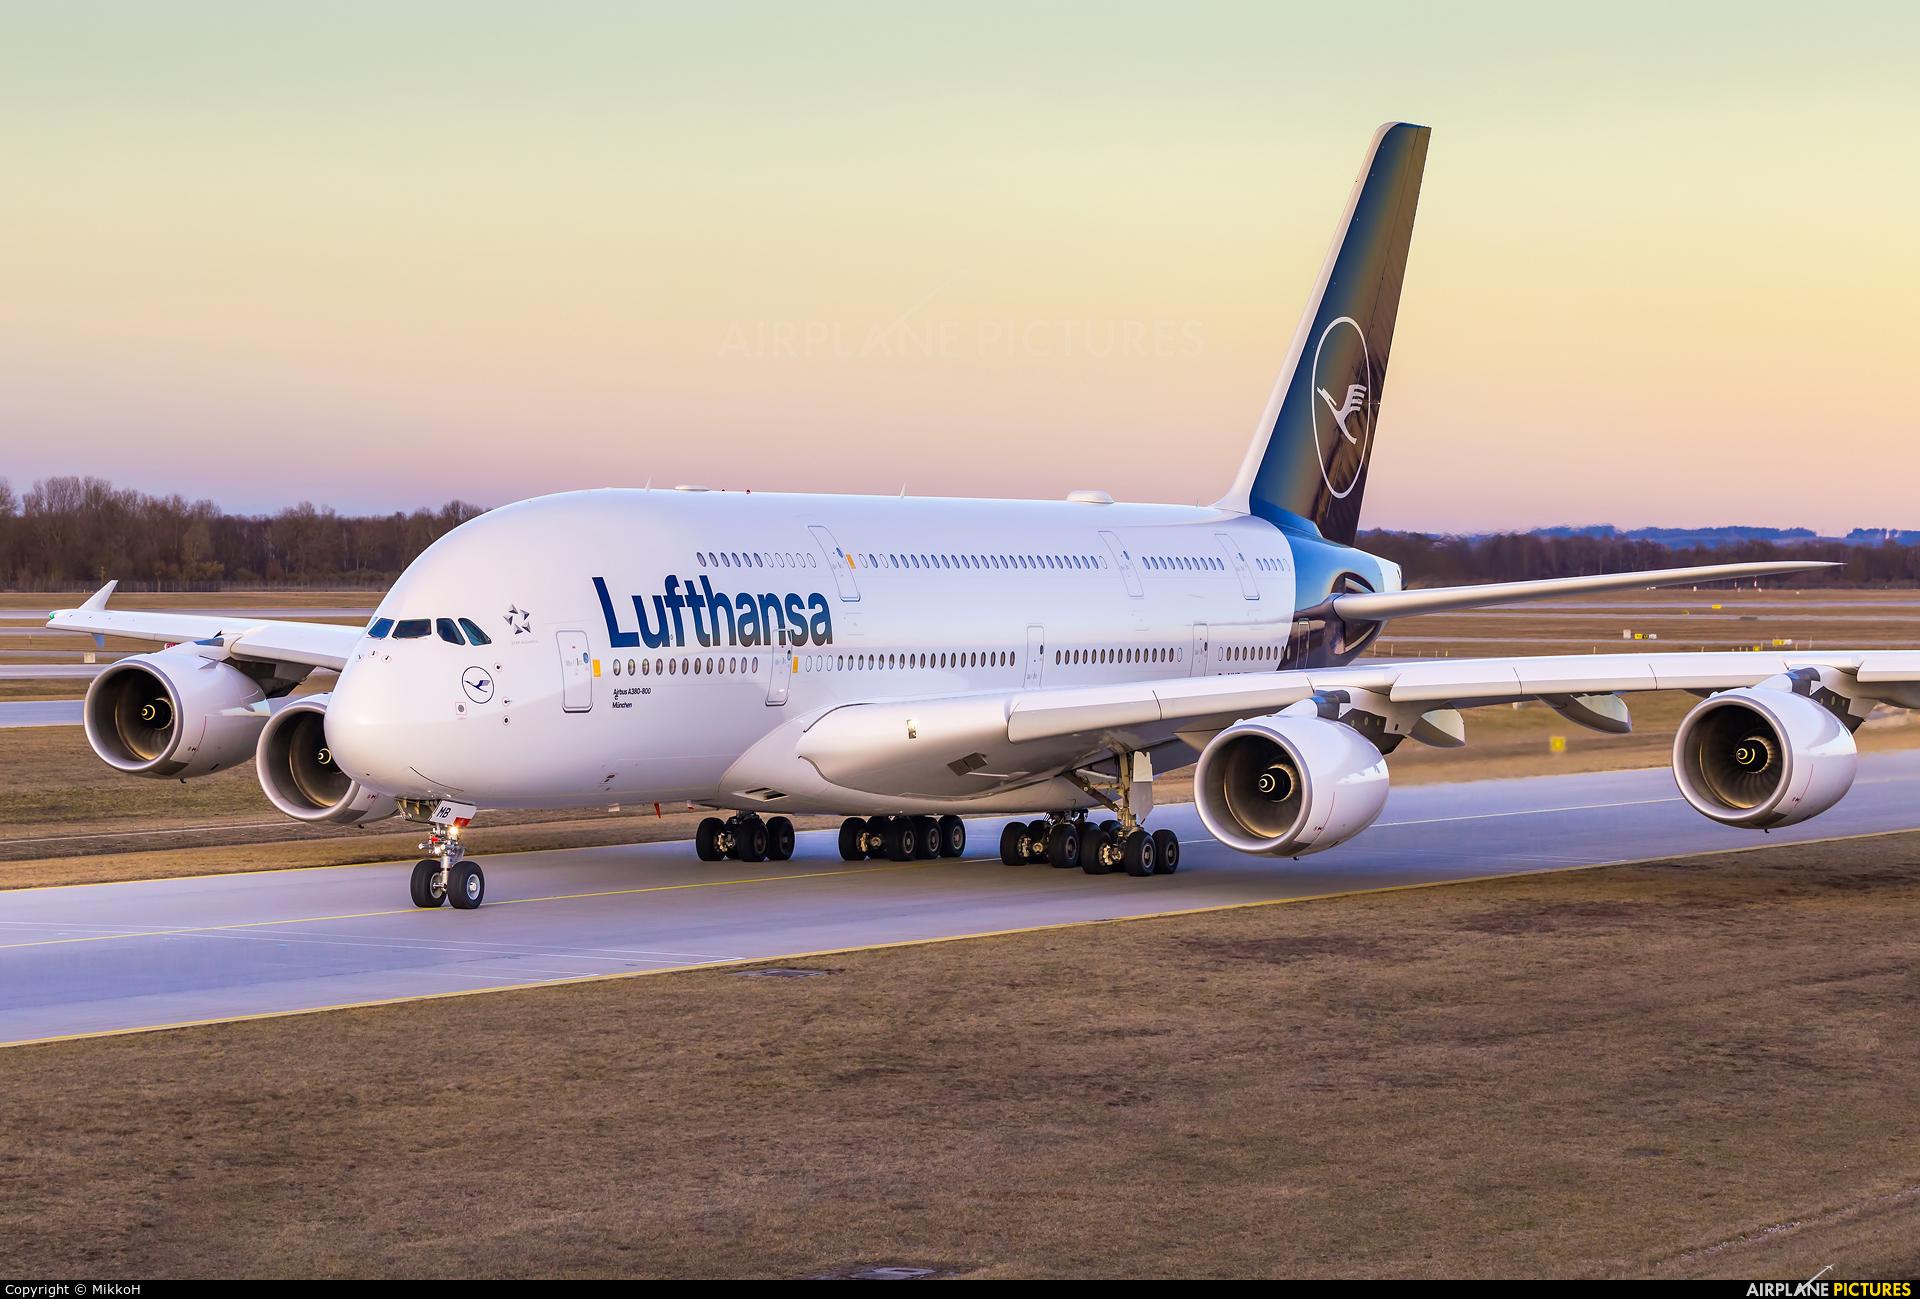 Lufthansa D-AIMB aircraft at Munich